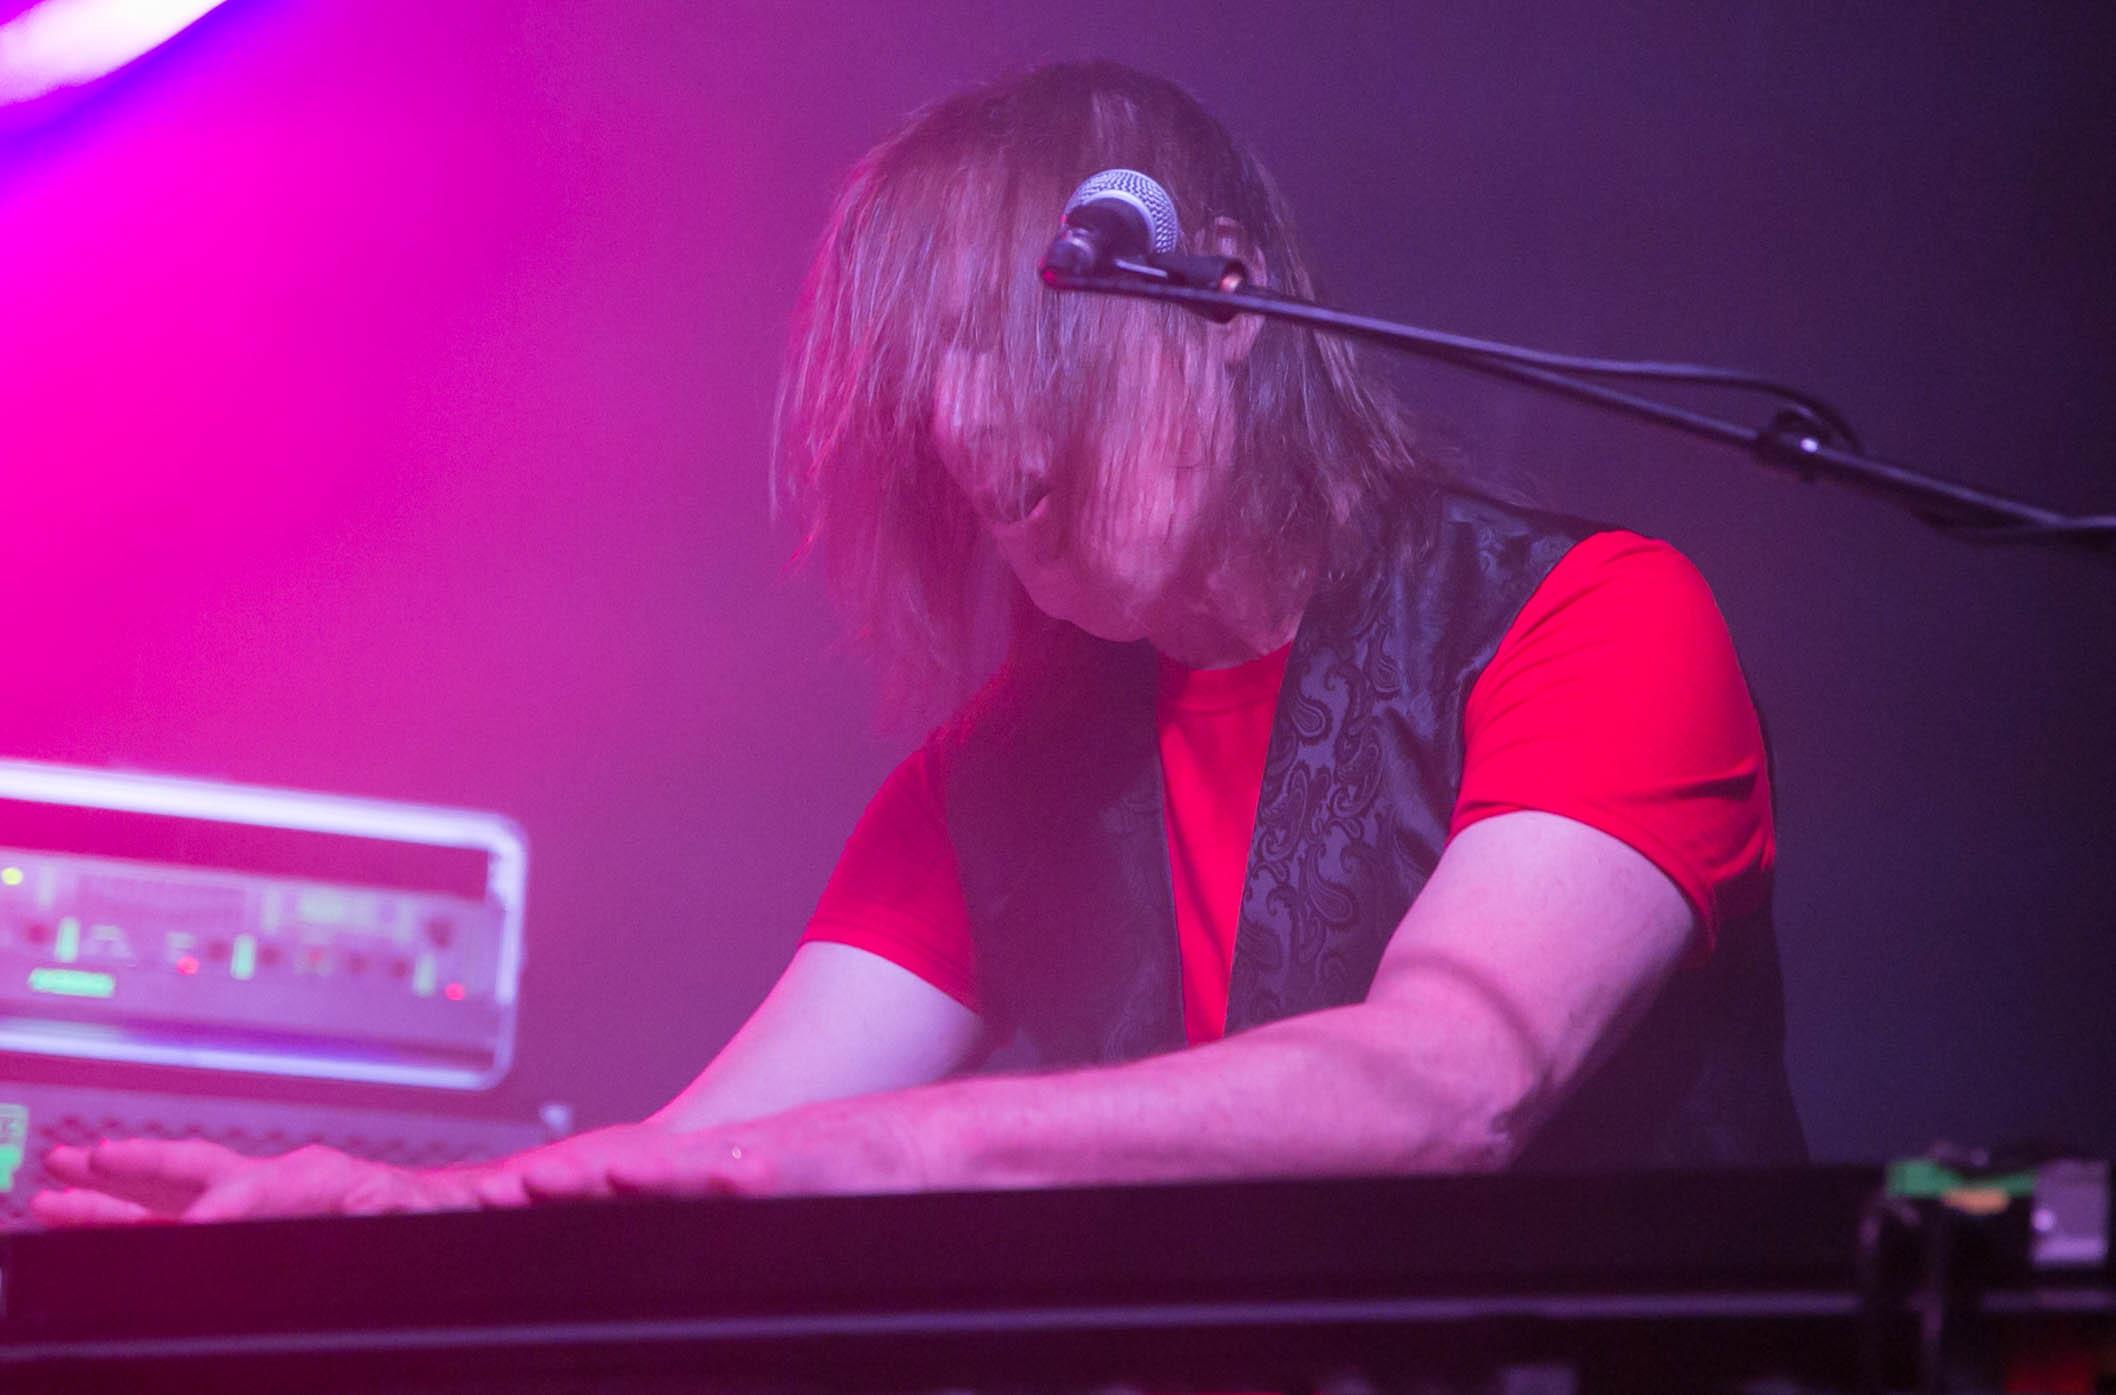 (c) Ritchie Birnie